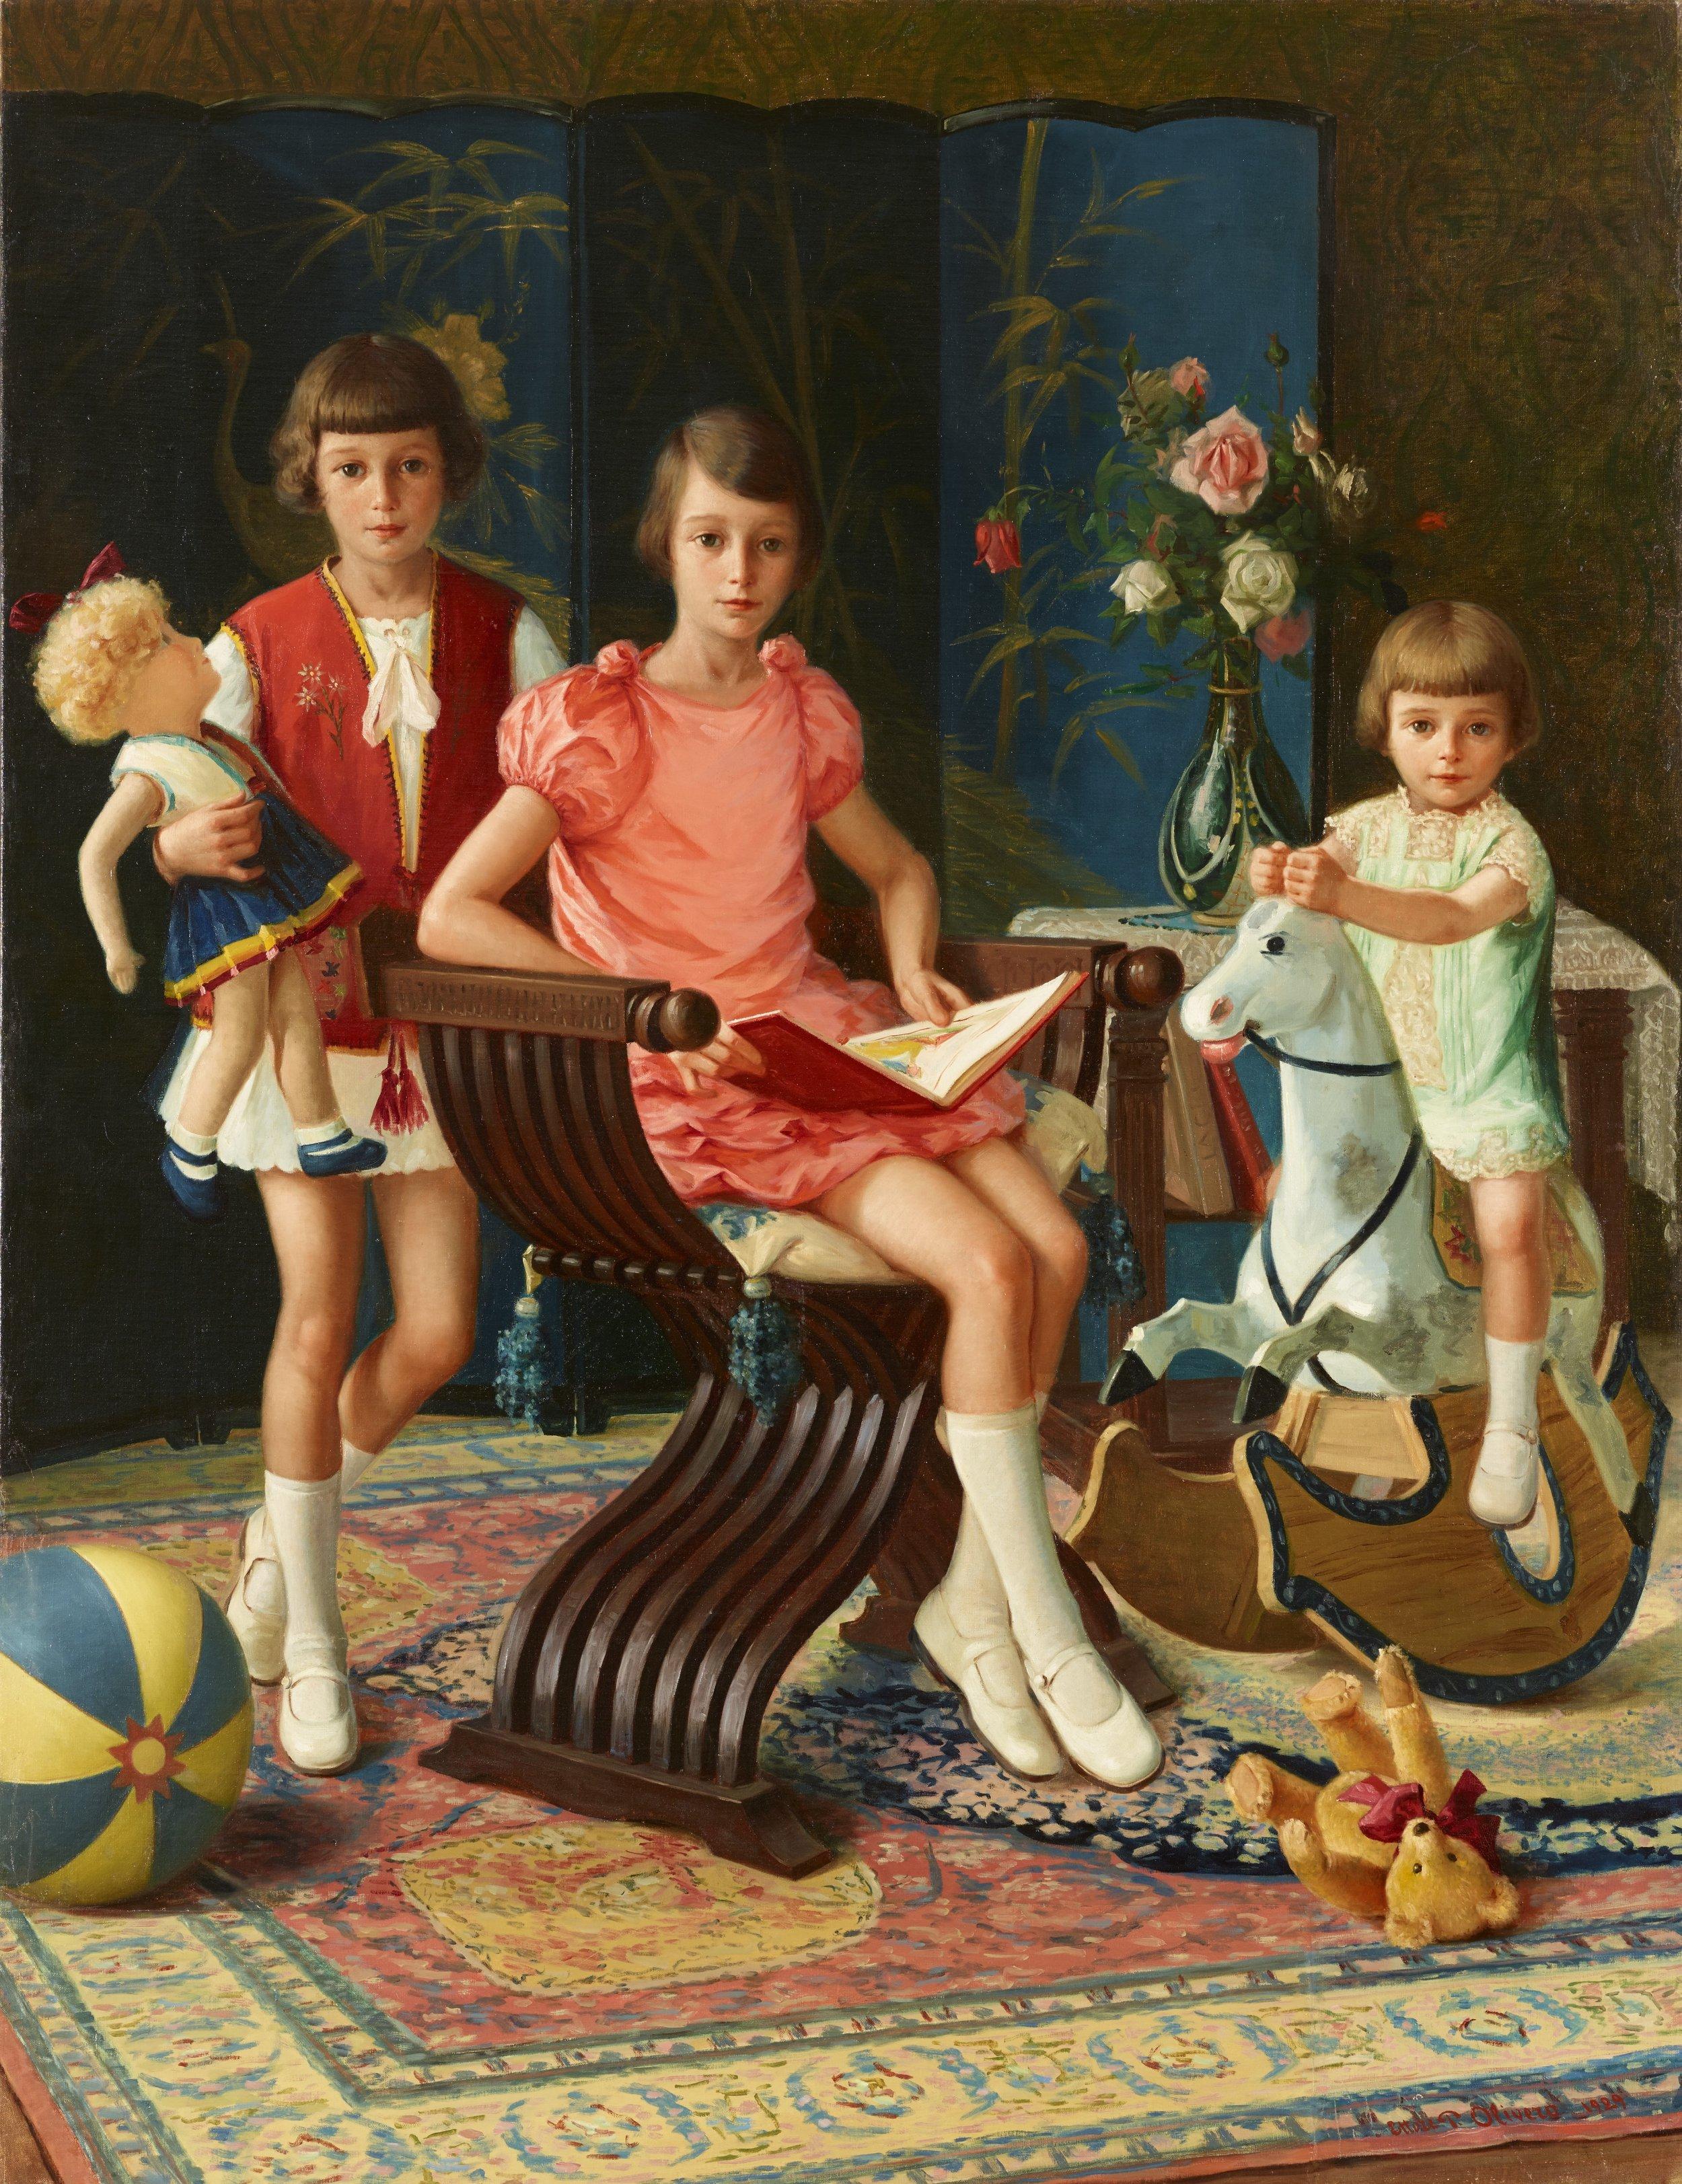 Ettore Pistoletto Olivero, Le tre figlie di Zegna, 1929  Credit photo: Mart